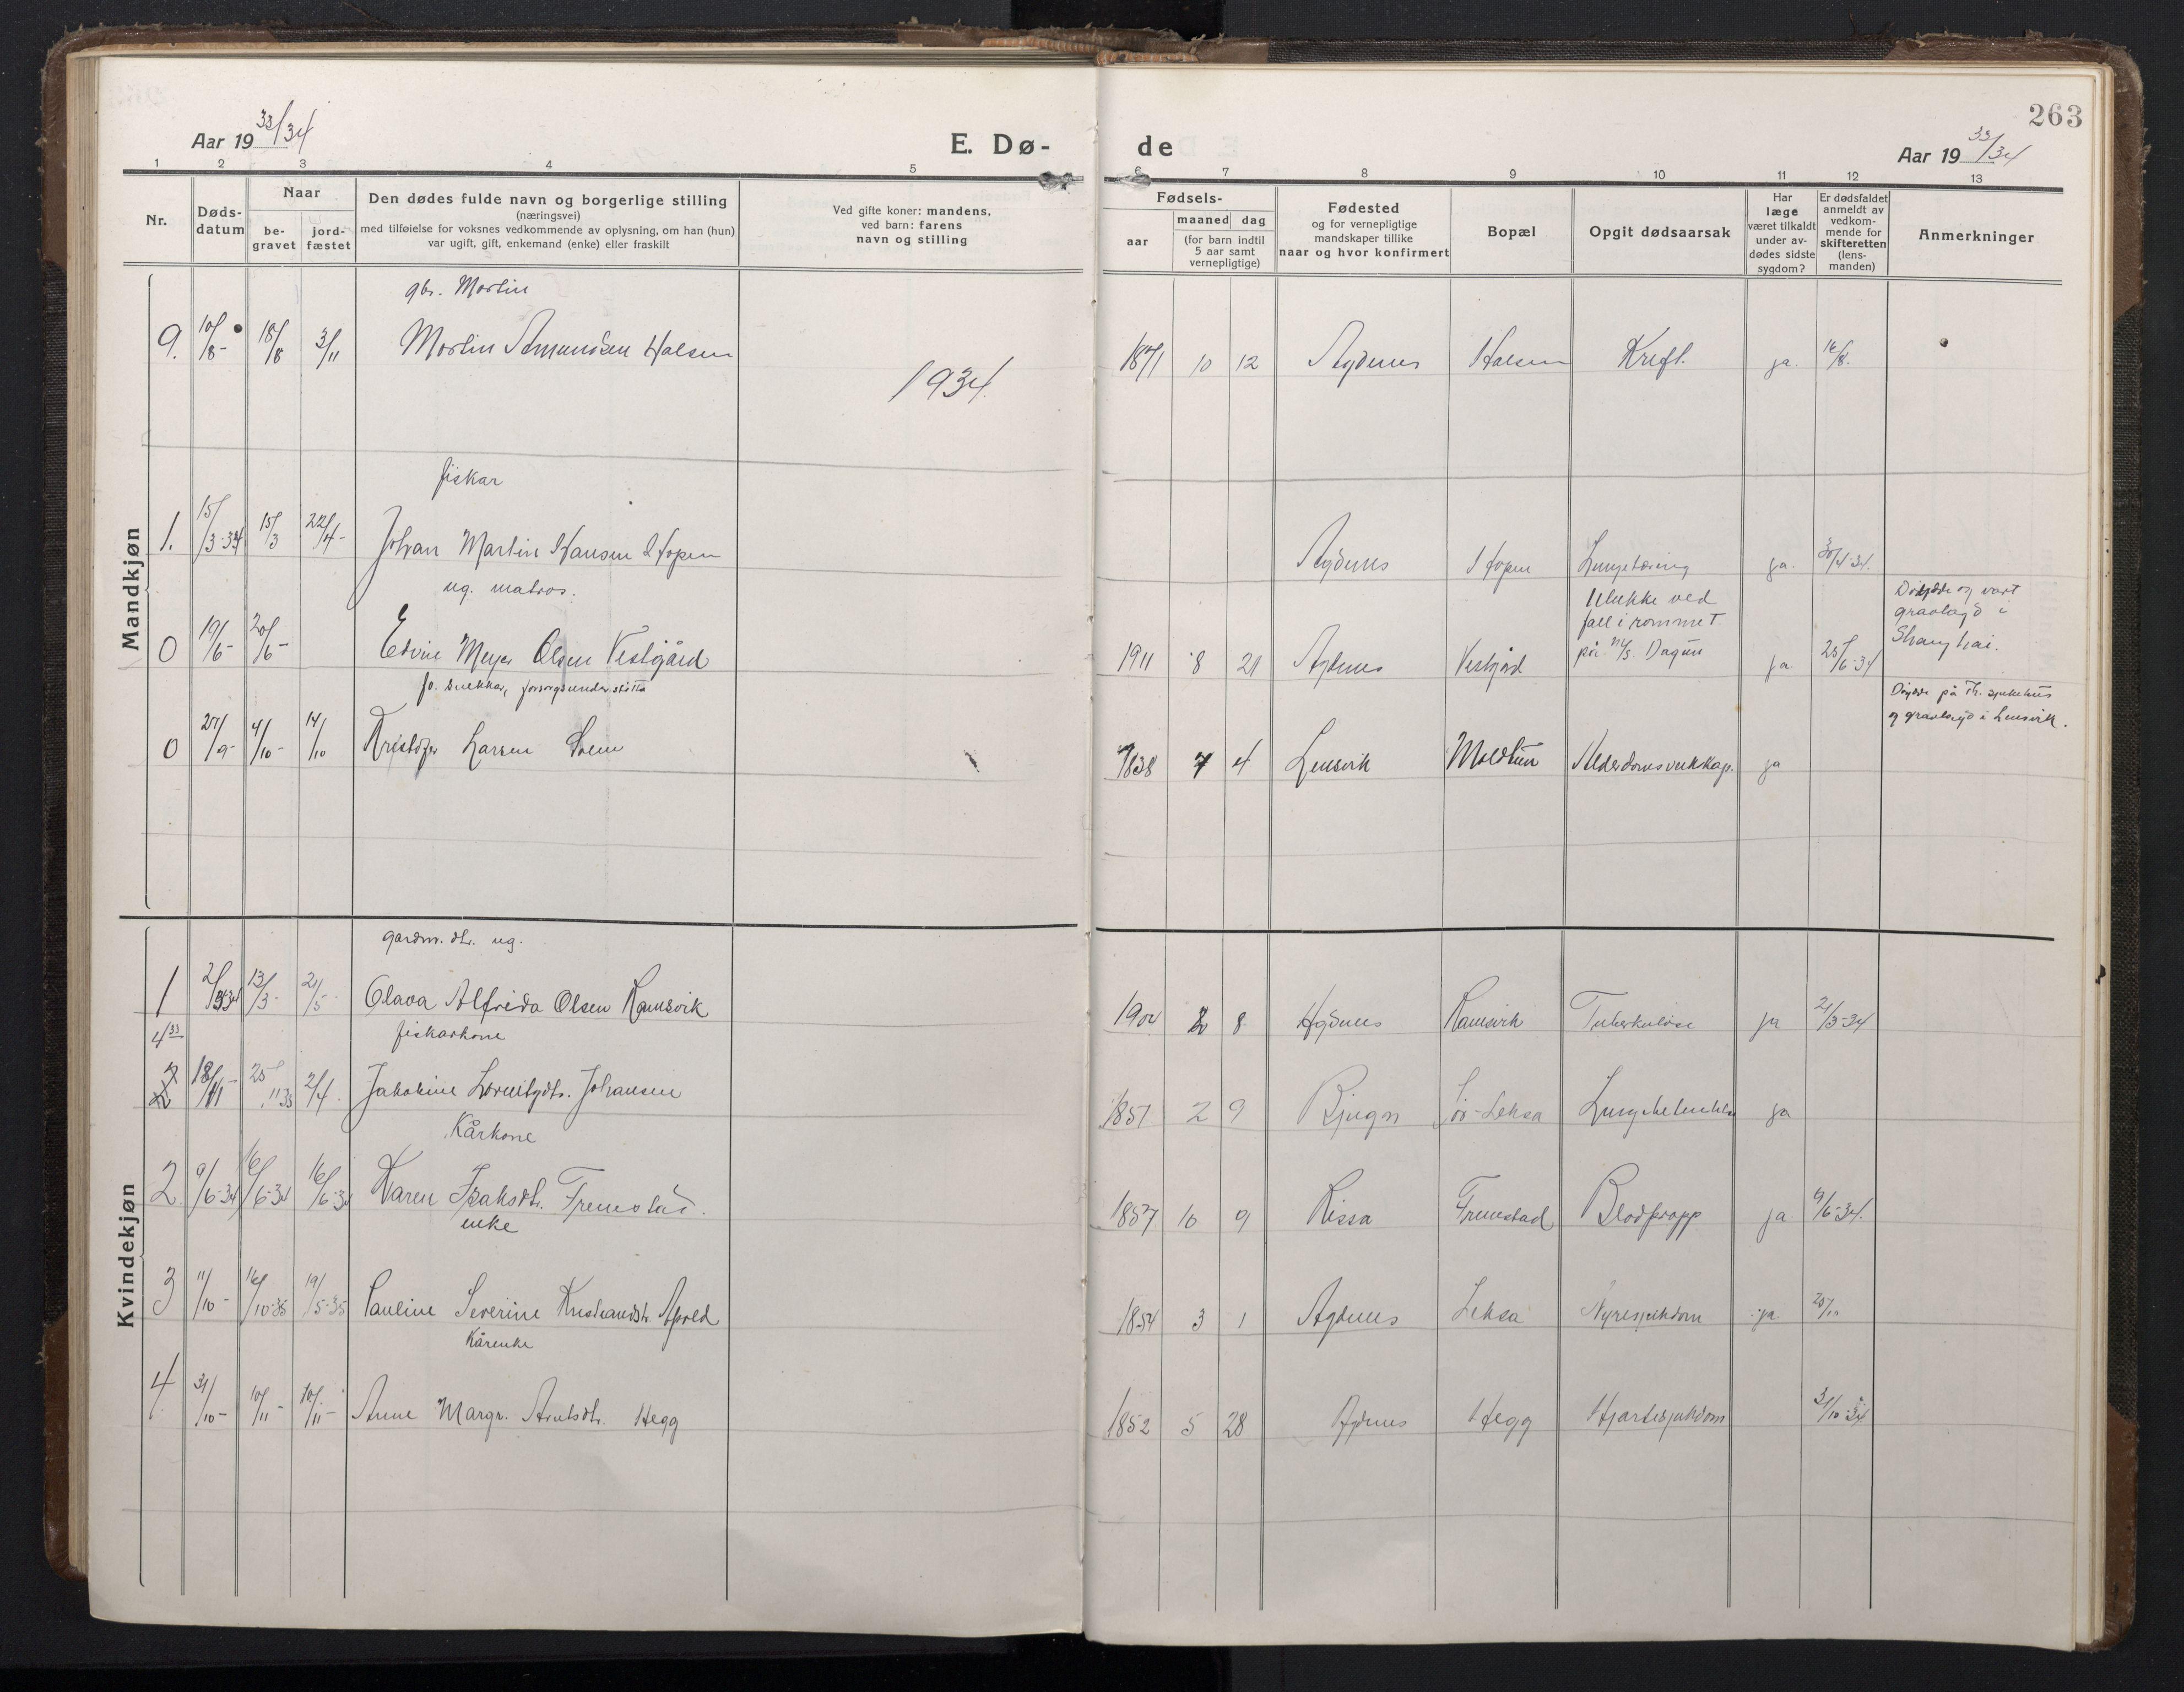 SAT, Ministerialprotokoller, klokkerbøker og fødselsregistre - Sør-Trøndelag, 662/L0758: Klokkerbok nr. 662C03, 1918-1948, s. 263